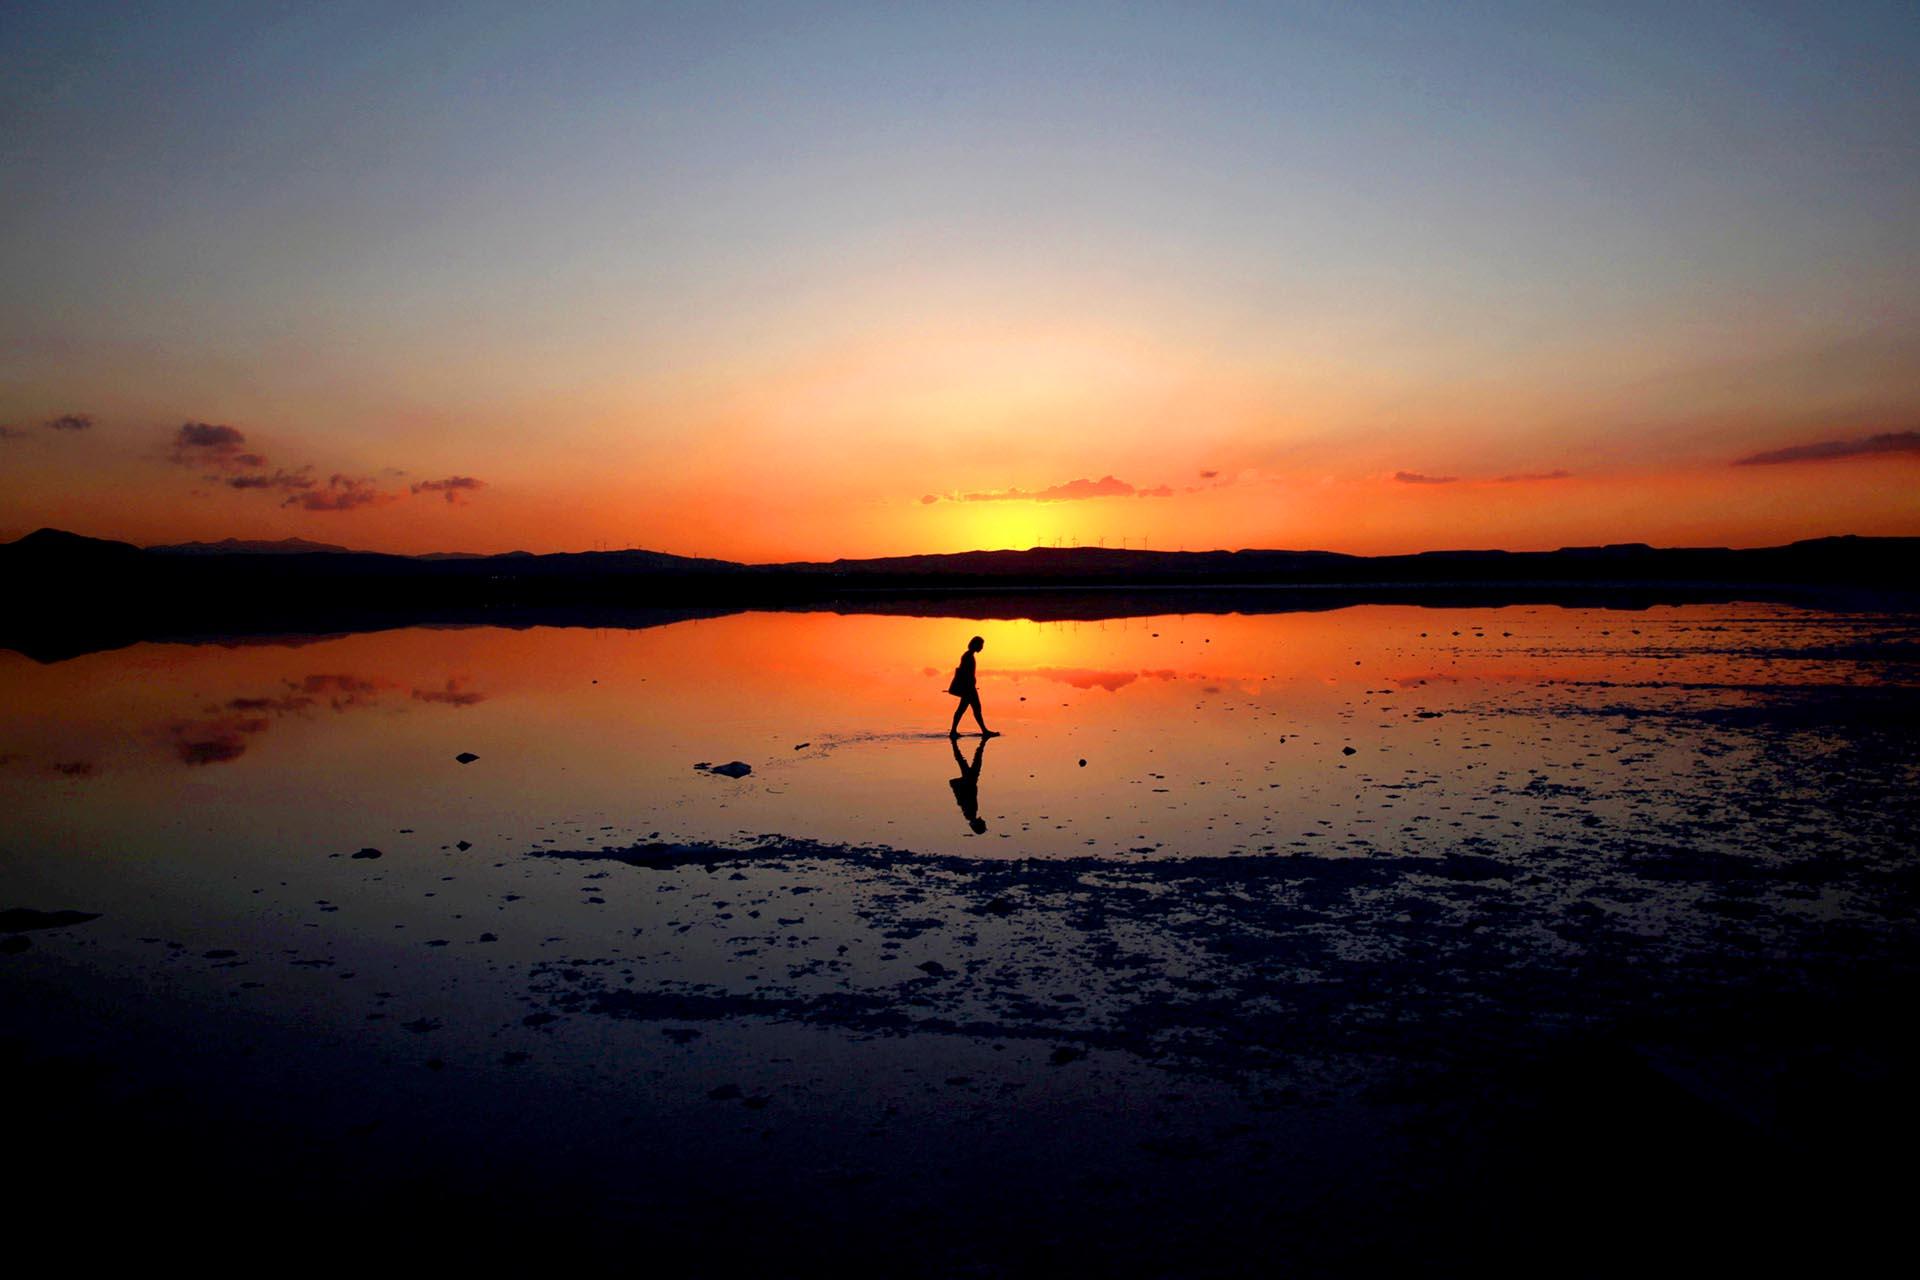 Un turista camina en el lago Larnaca,Chipre